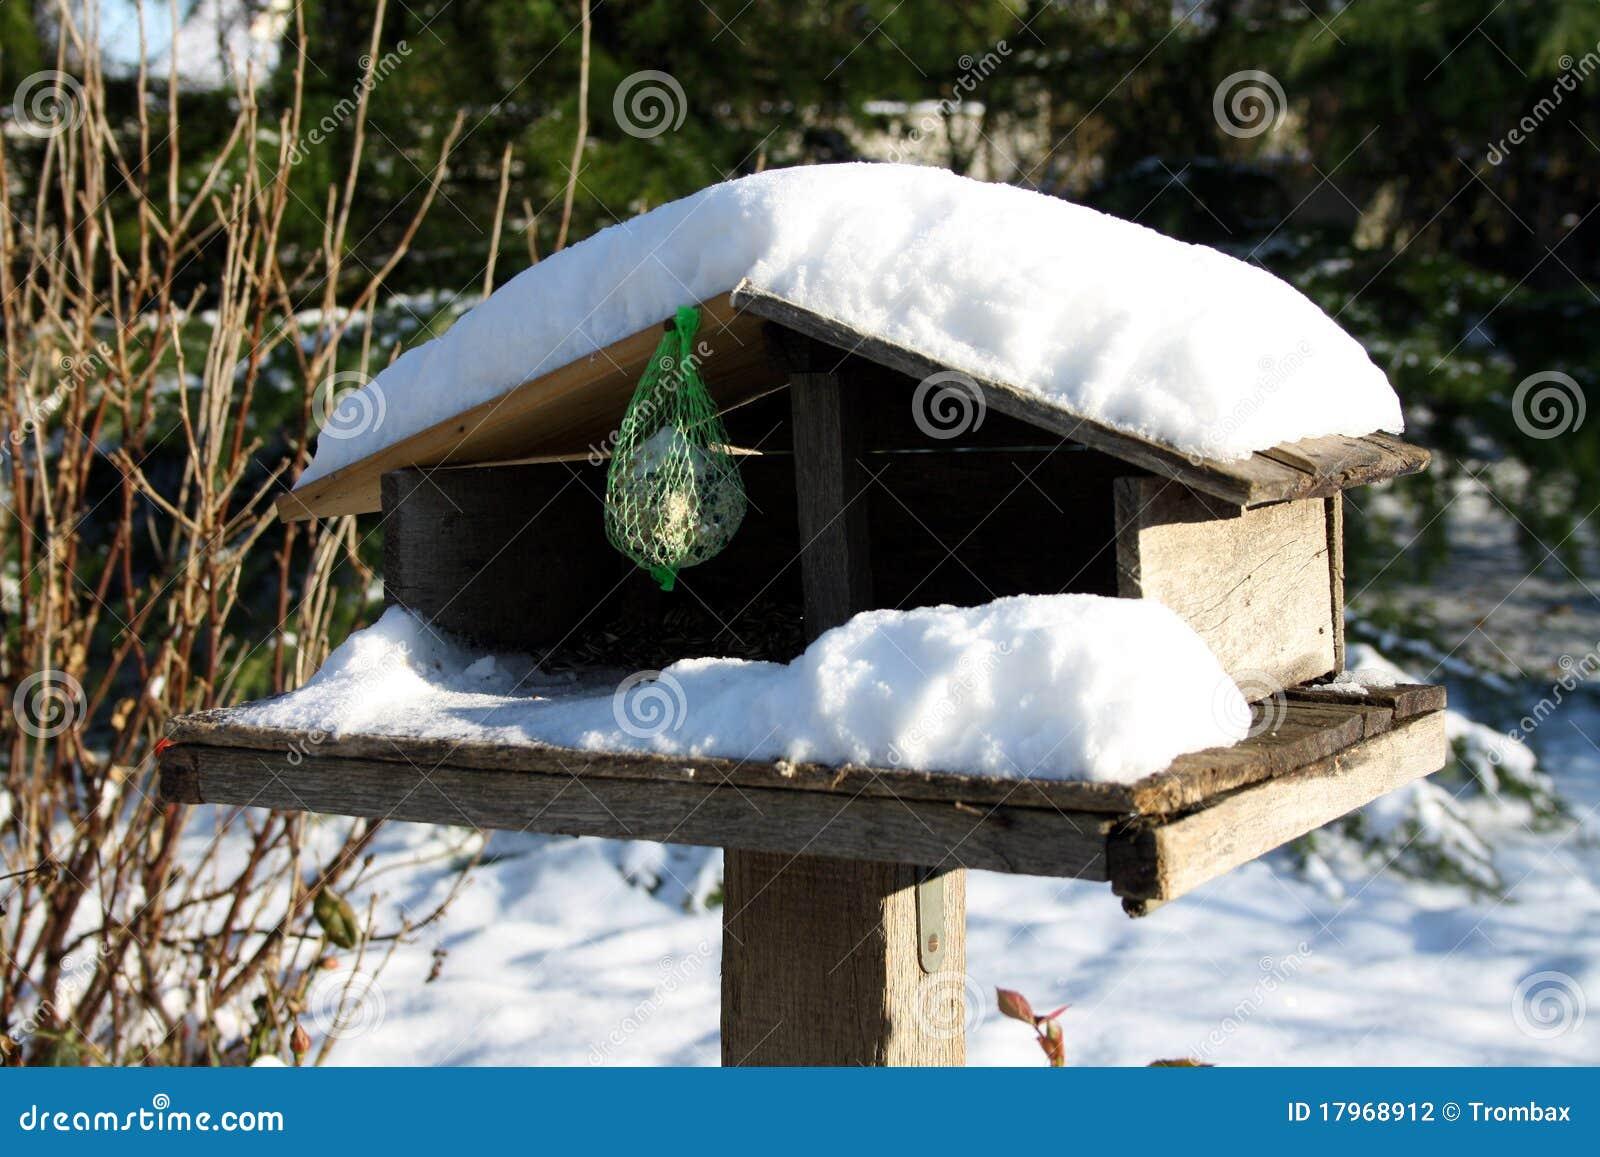 abri d 39 oiseaux photographie stock image 17968912. Black Bedroom Furniture Sets. Home Design Ideas